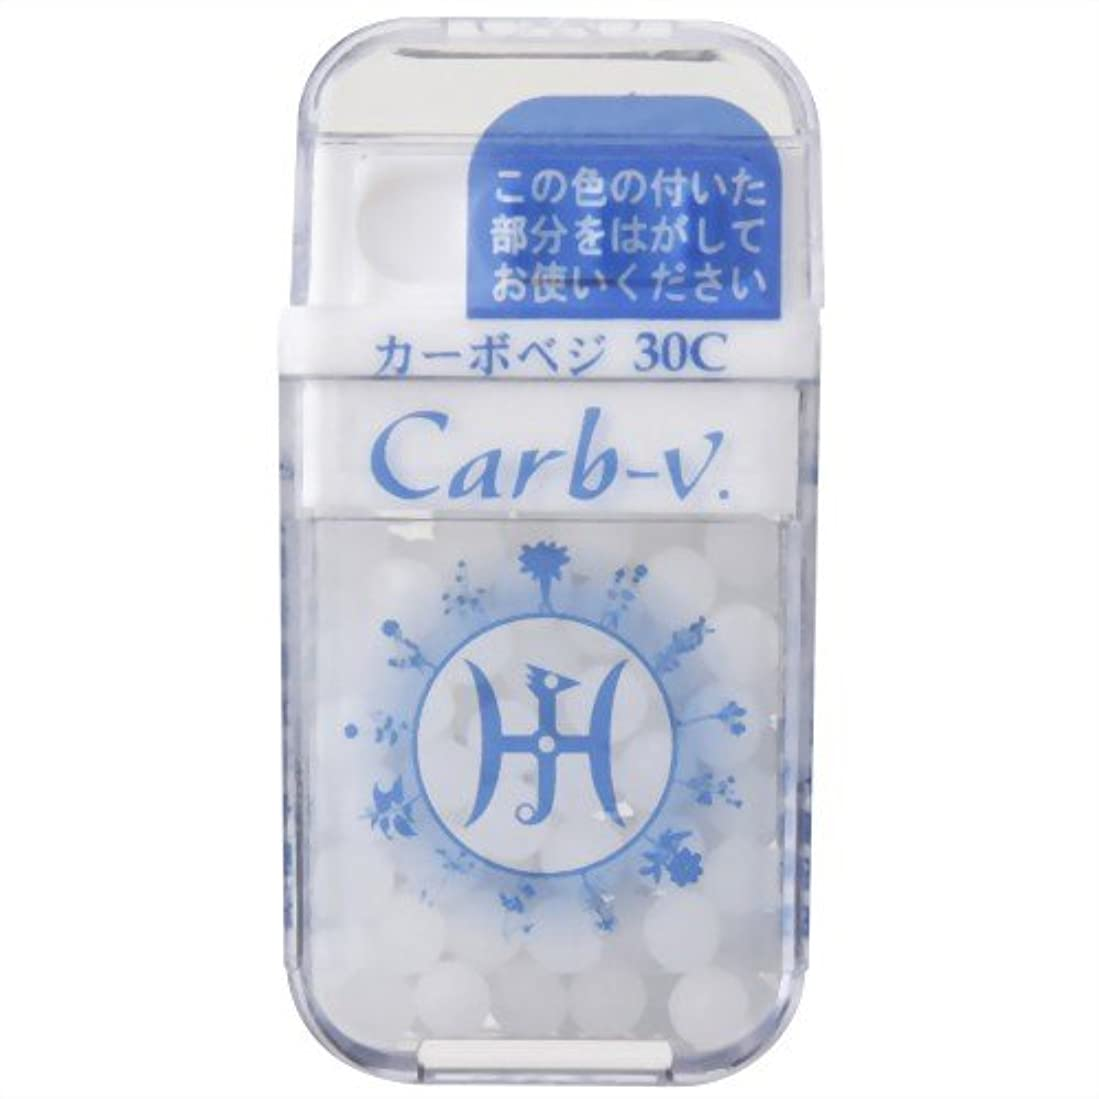 排気検証構造的ホメオパシージャパンレメディー Carb-v.  カーボベジ 30C (大ビン)